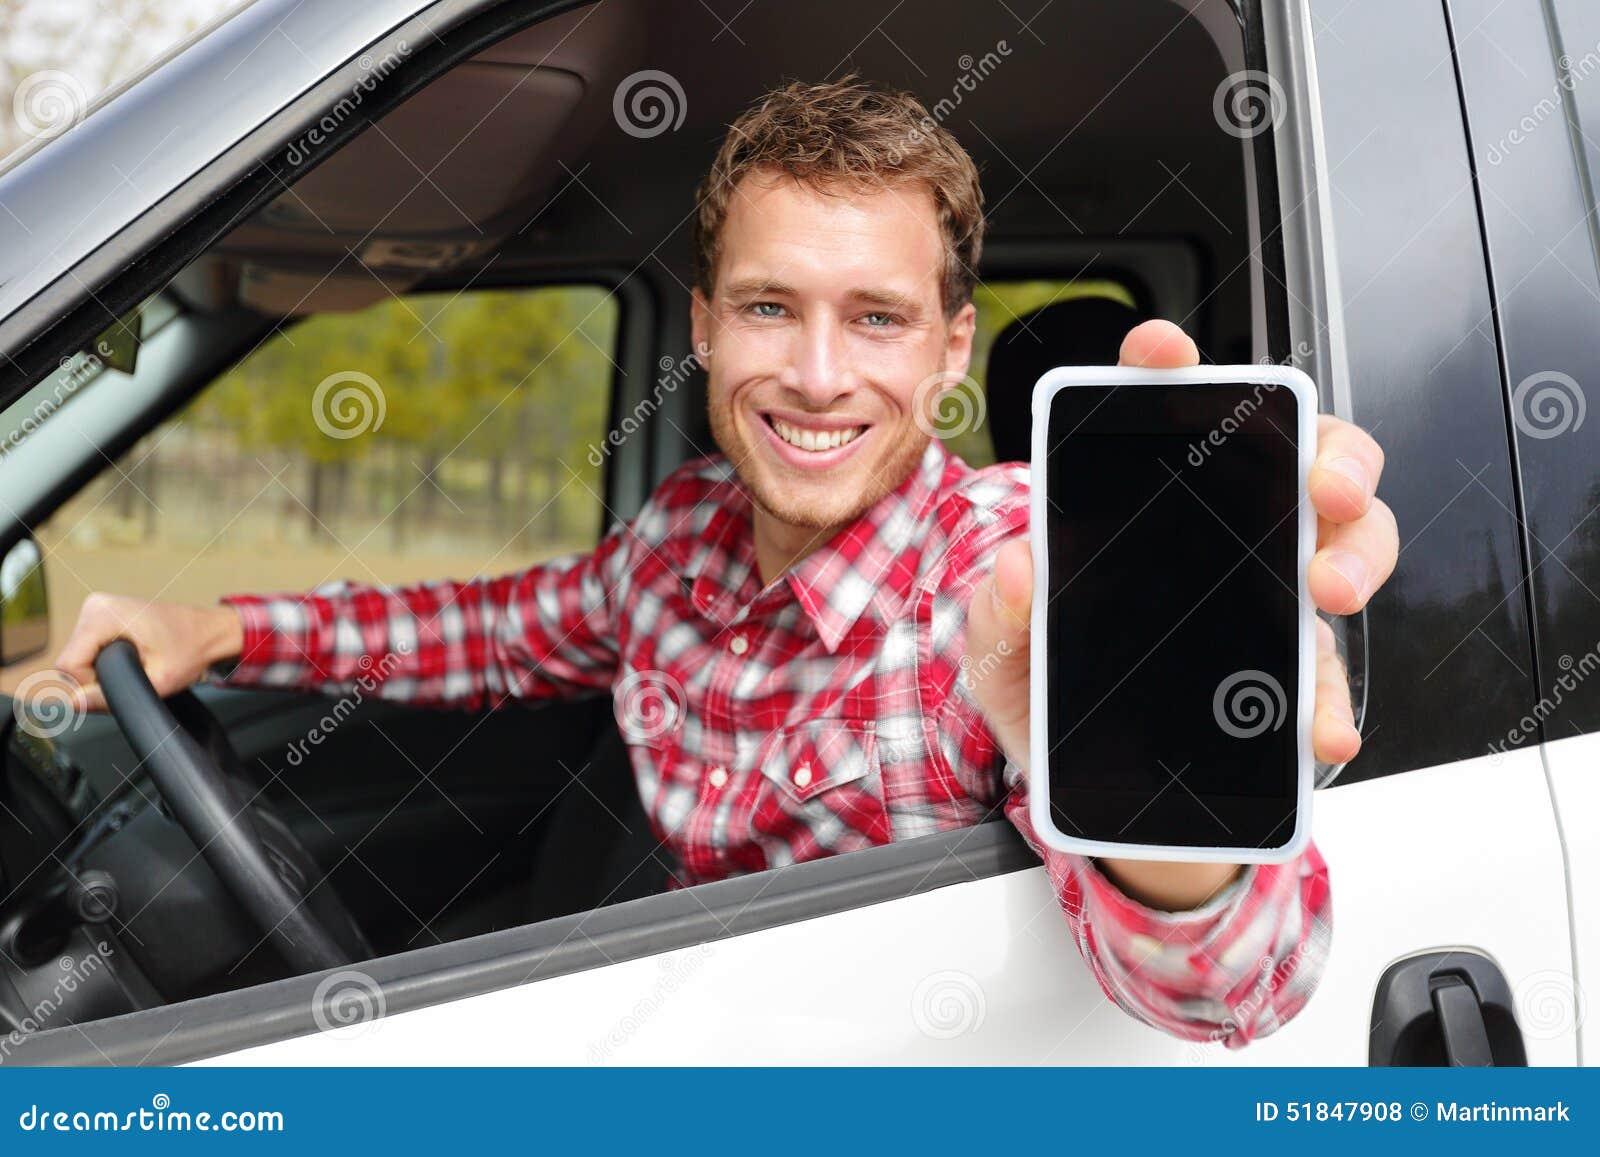 Smartphone mężczyzna napędowy samochodowy pokazuje app na ekranie